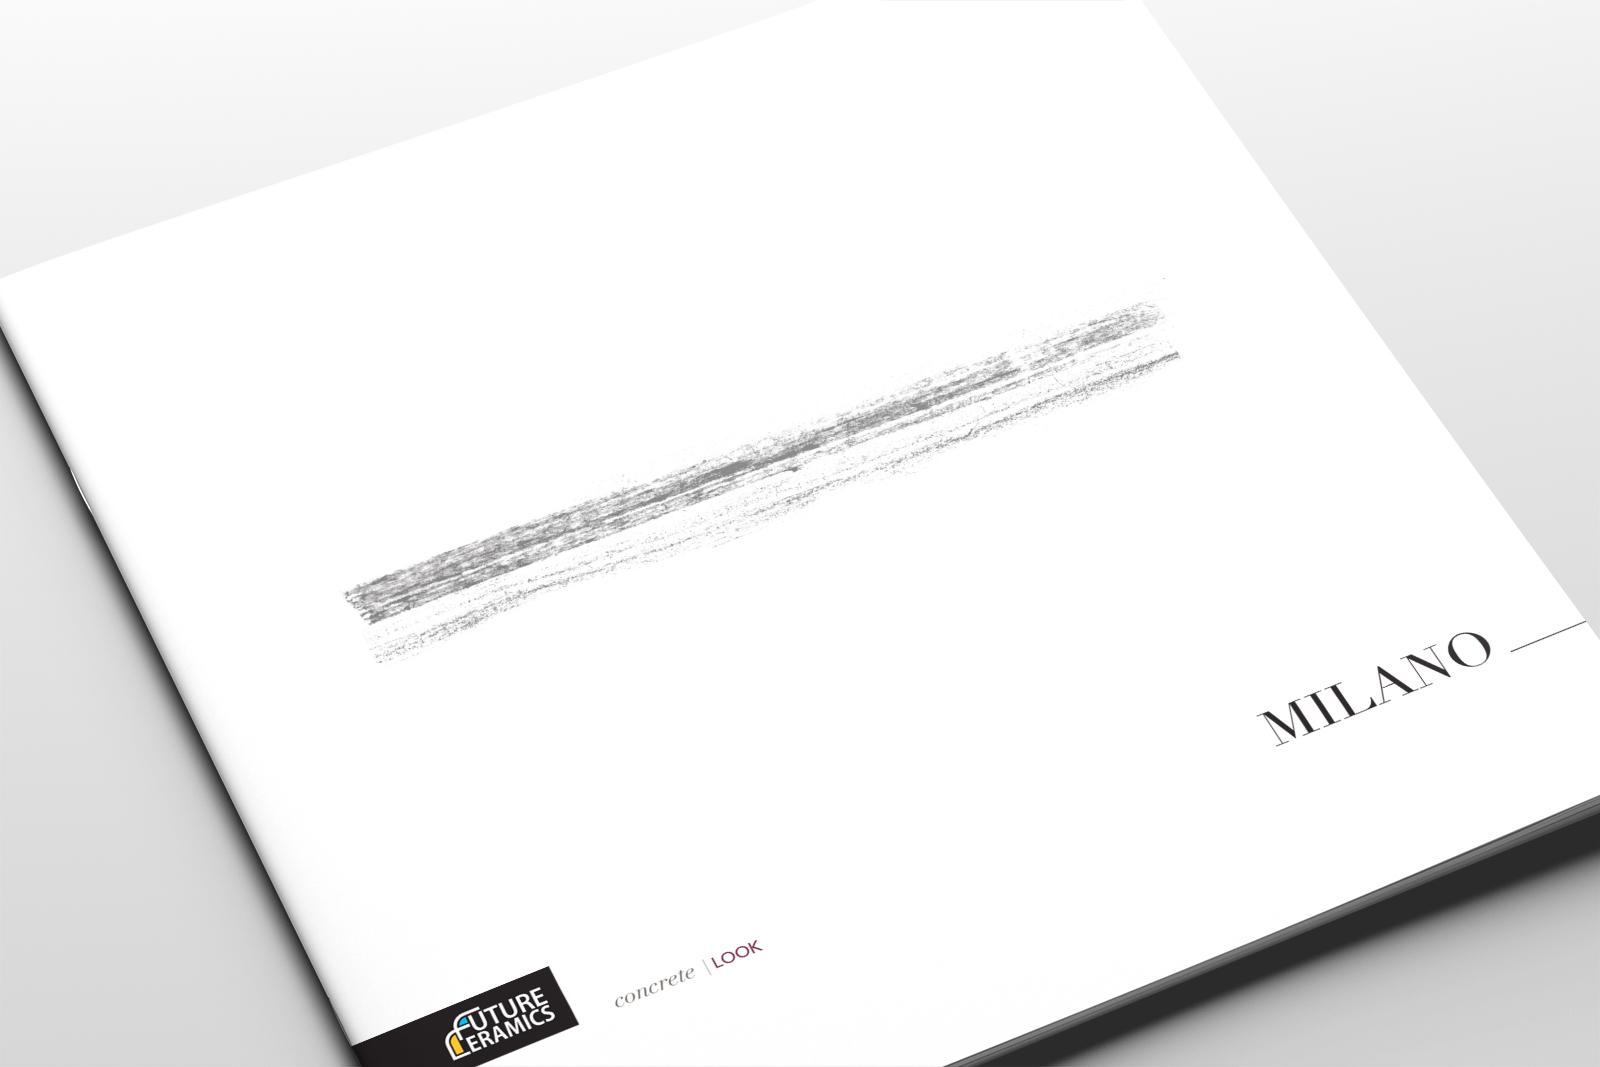 fc-catalogo-copertina-dettaglio-milano